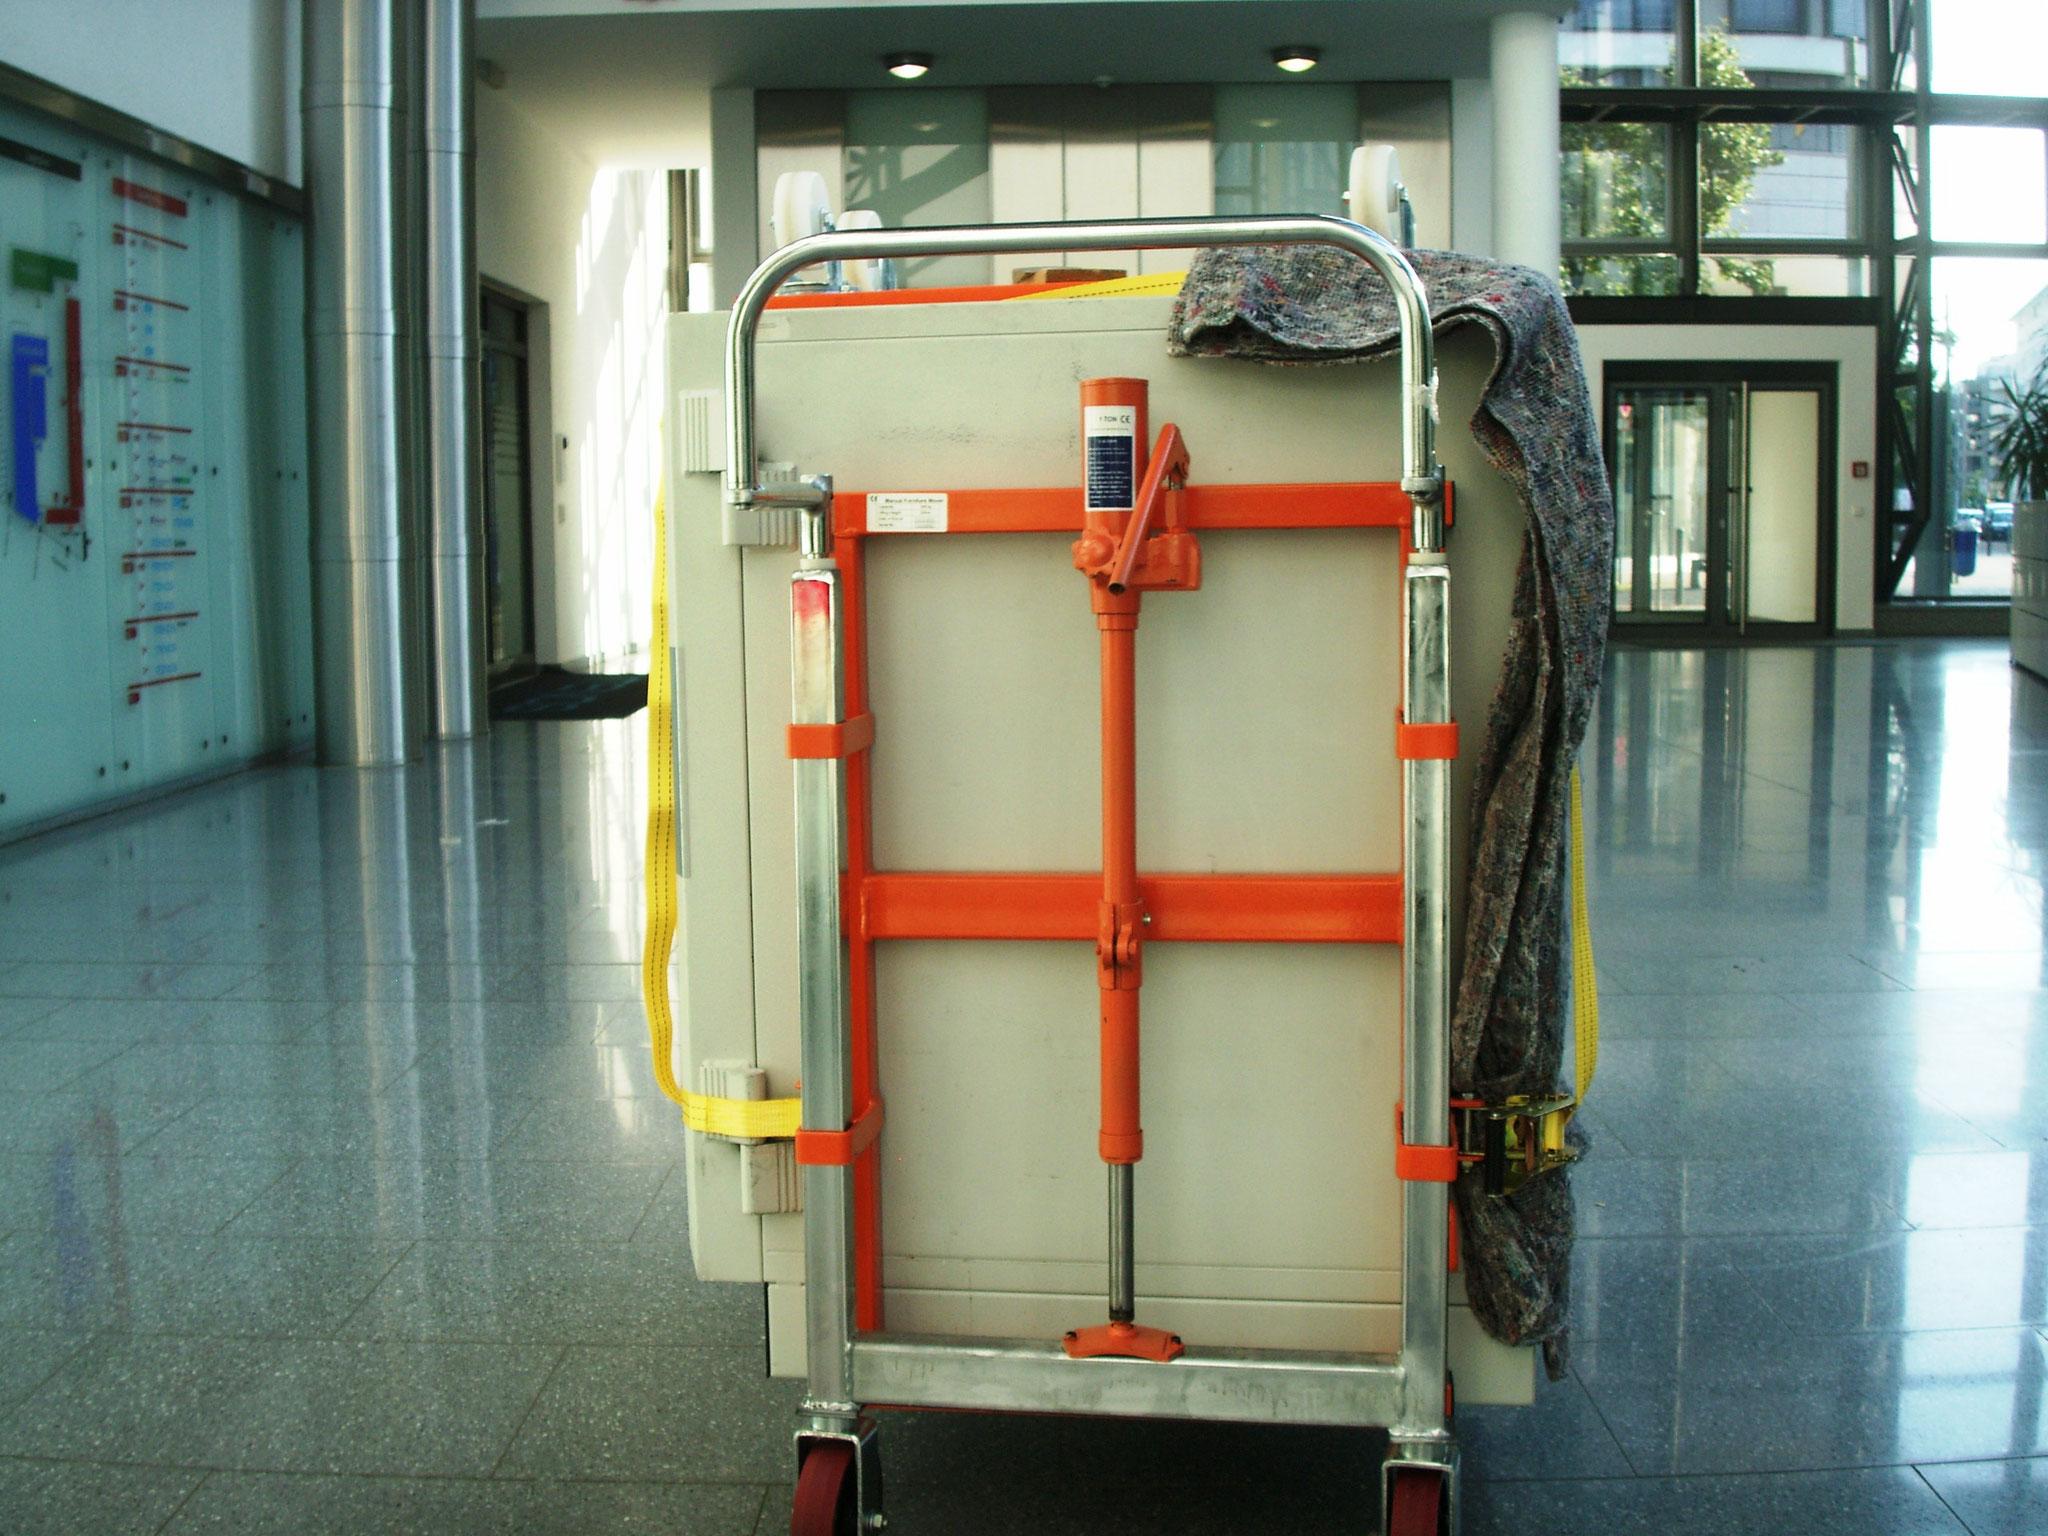 transport of a safe